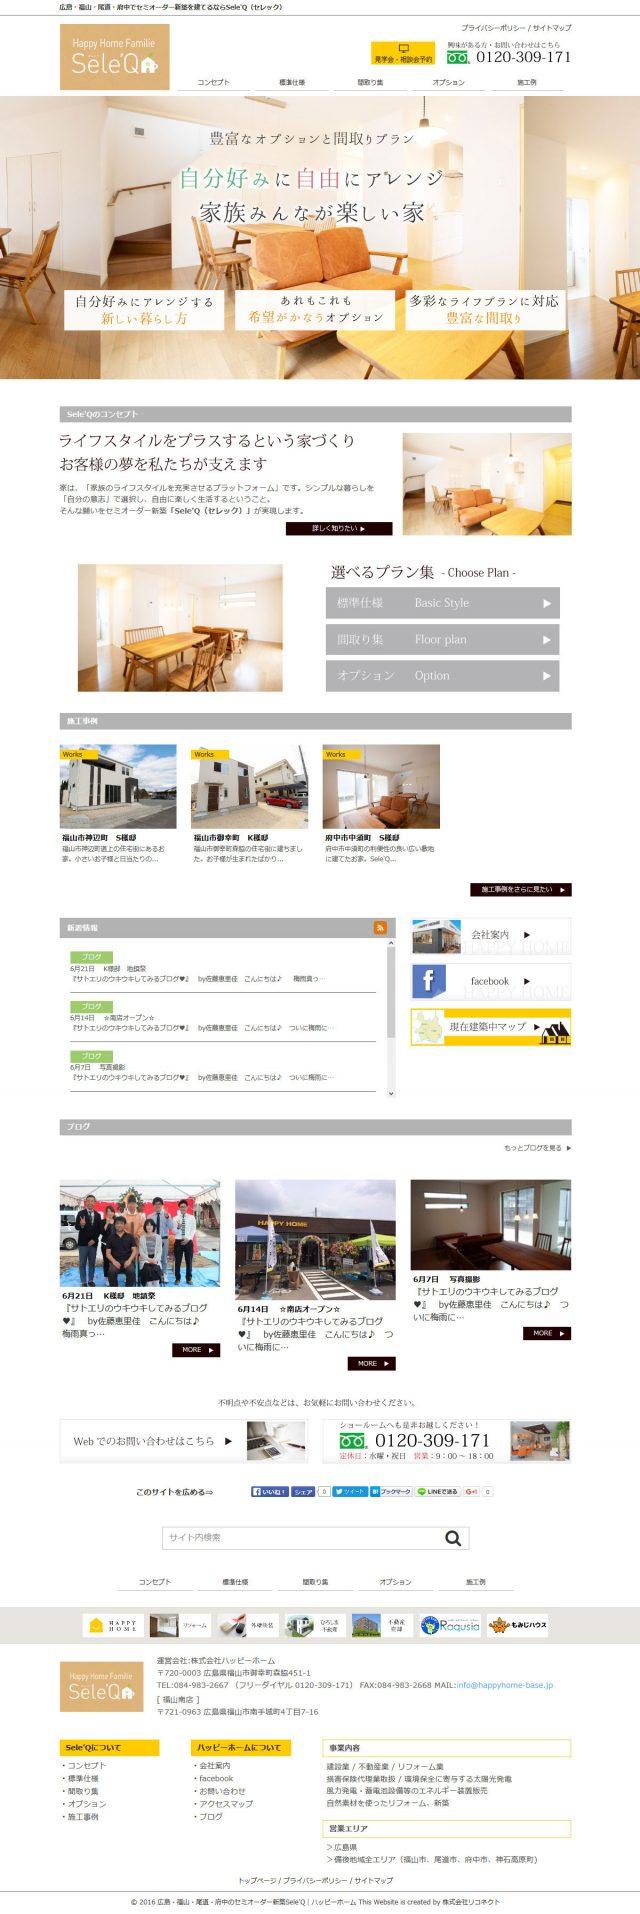 広島県福山市 新築・不動産・リフォームのハッピーホーム 様